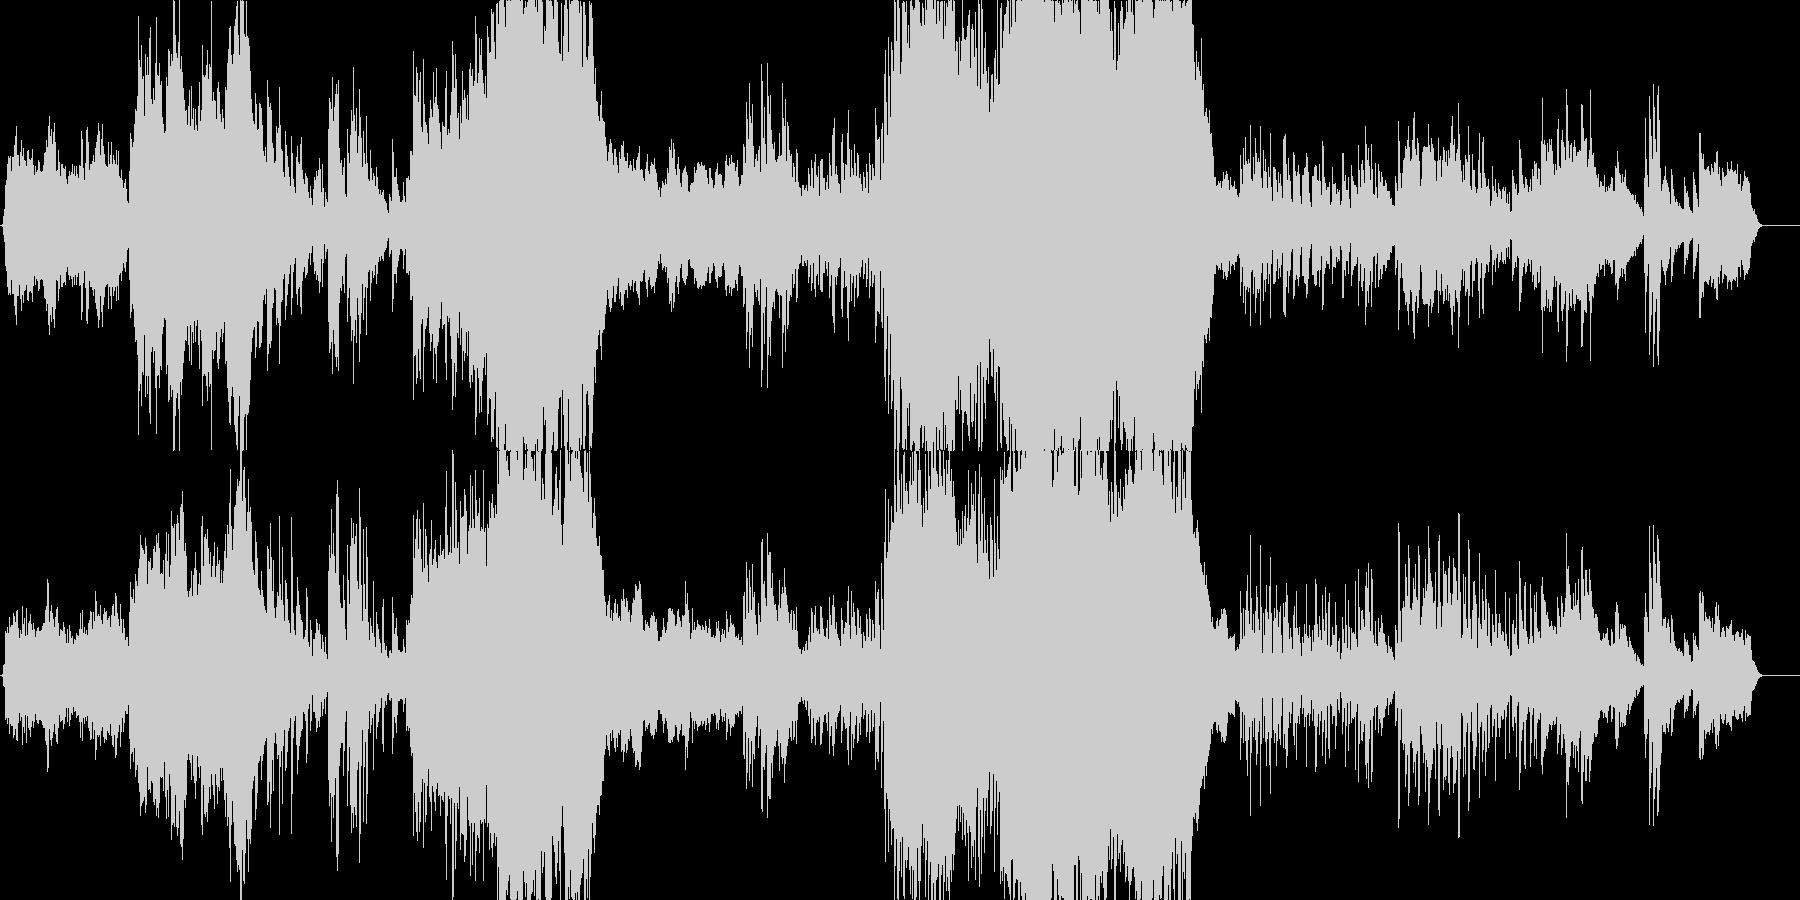 ドラマティックで感動的ピアノコンチェルトの未再生の波形